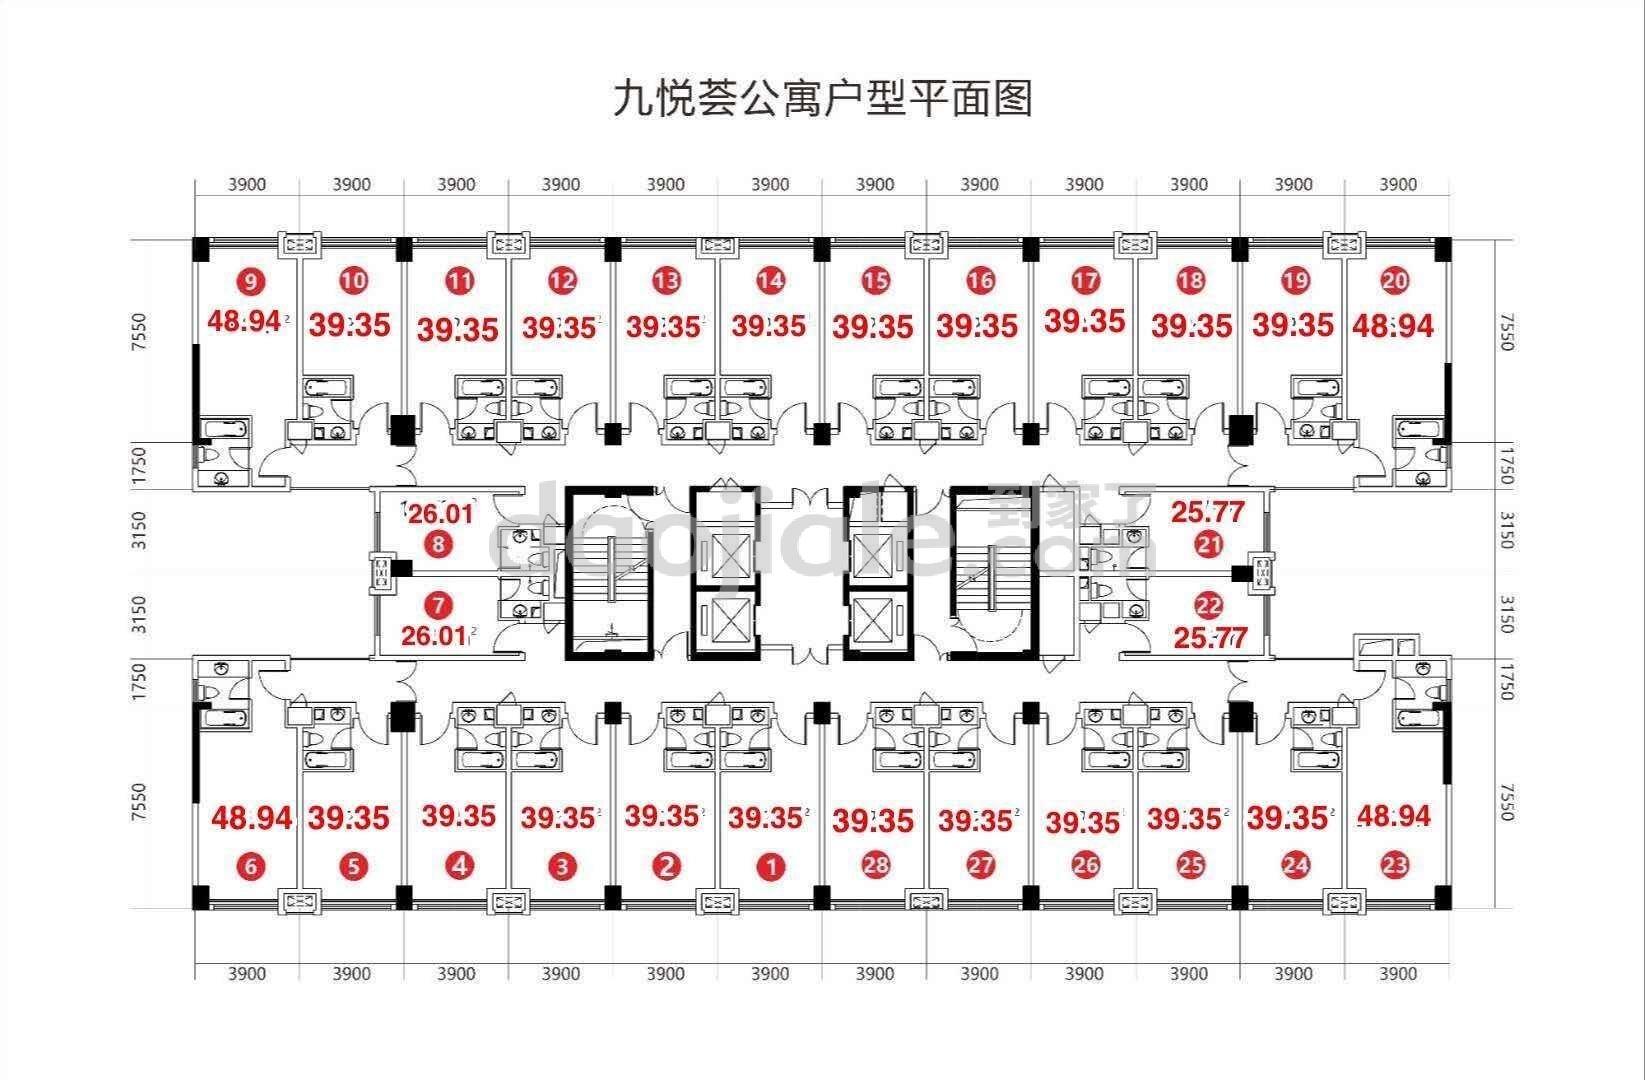 九龙坡区二郎中航九悦荟新房公寓户型户型图